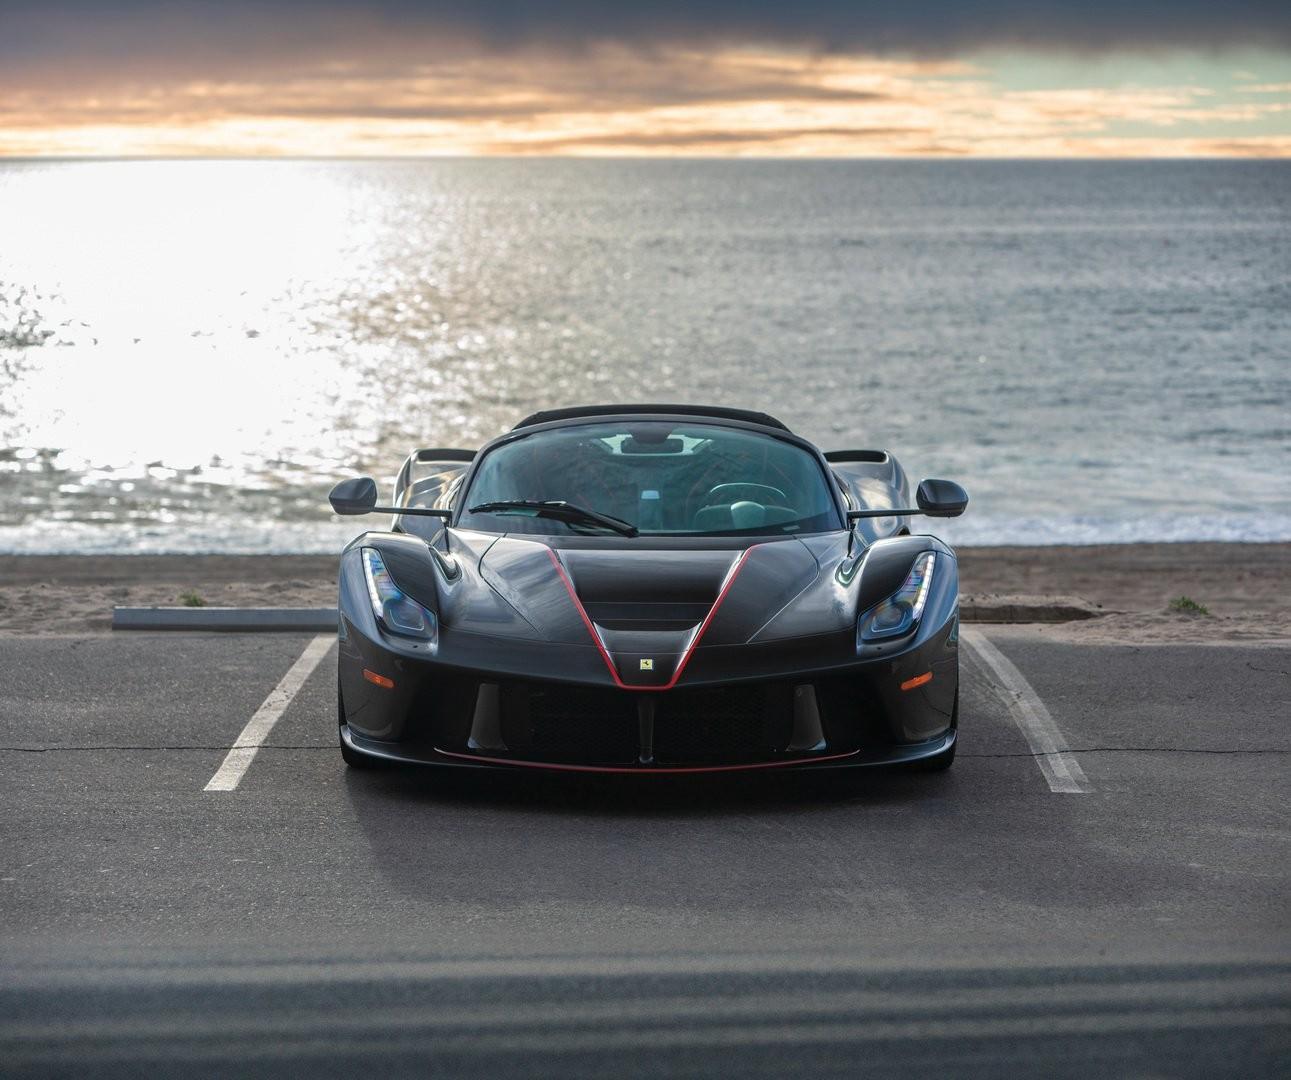 Giá cao chót vót dành cho chiếc Ferrari LaFerrari mui trần chuẩn bị đem đi đấu giá